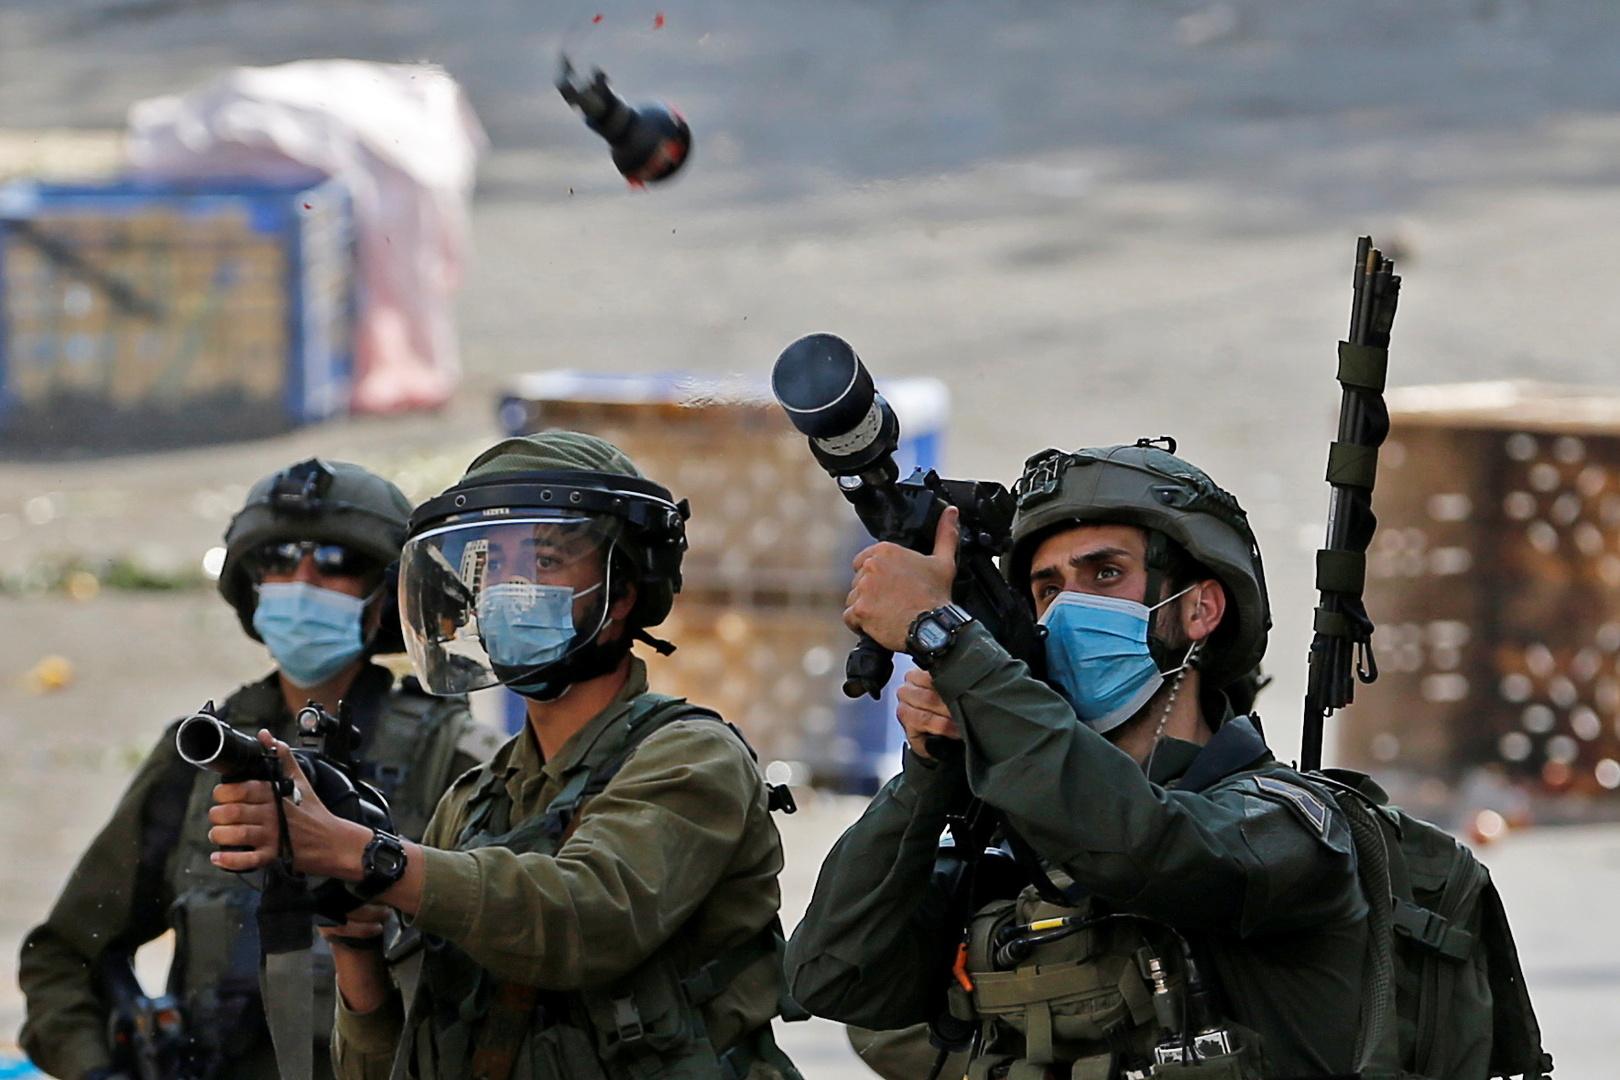 الجيش الإسرائيلي يسجل رقما قياسيا بإصابات كورونا بين عناصره